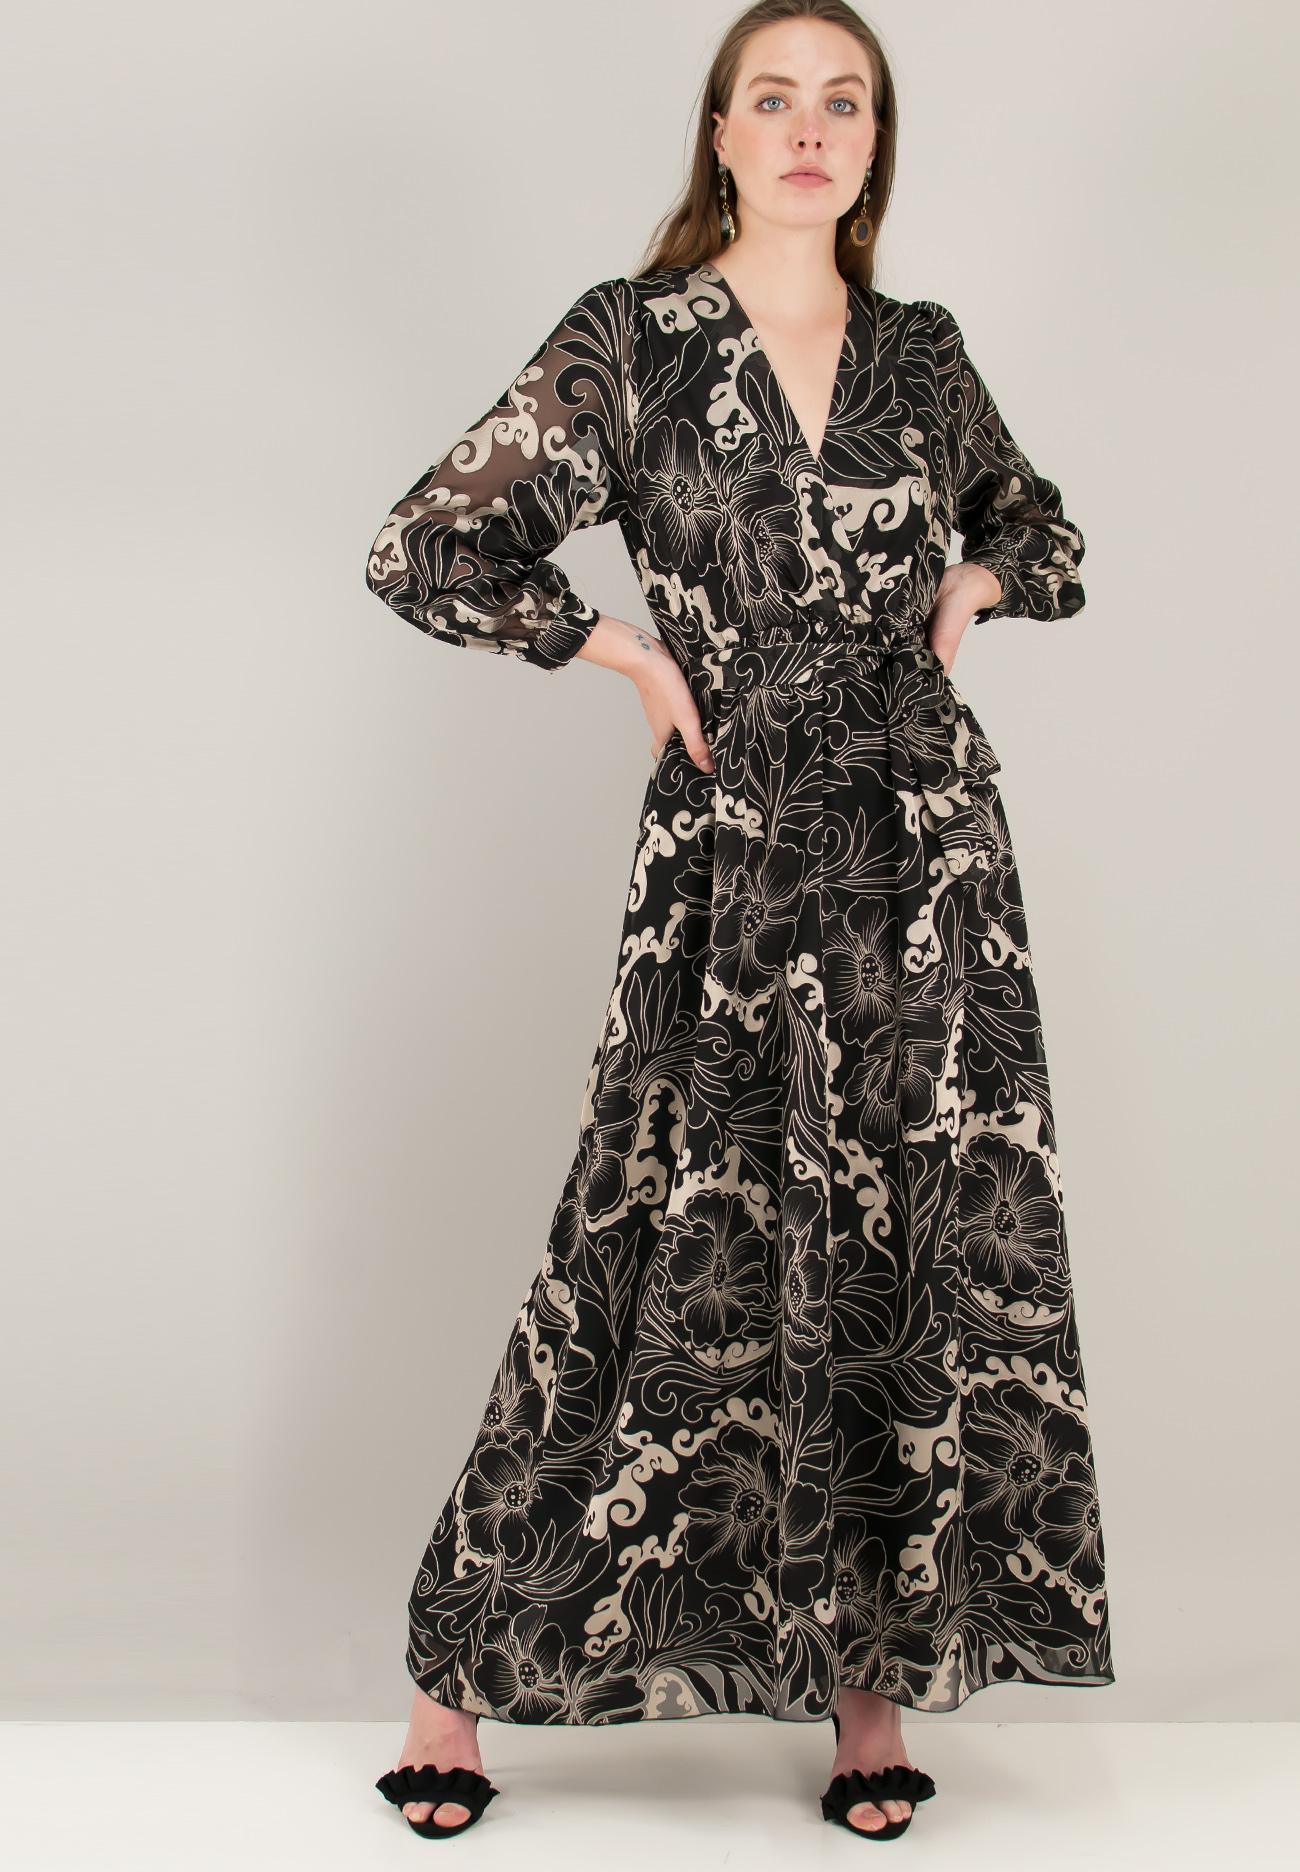 785891553167 Εμπριμέ φόρεμα με ανάγλυφο σχέδιο - ZIC ZAC